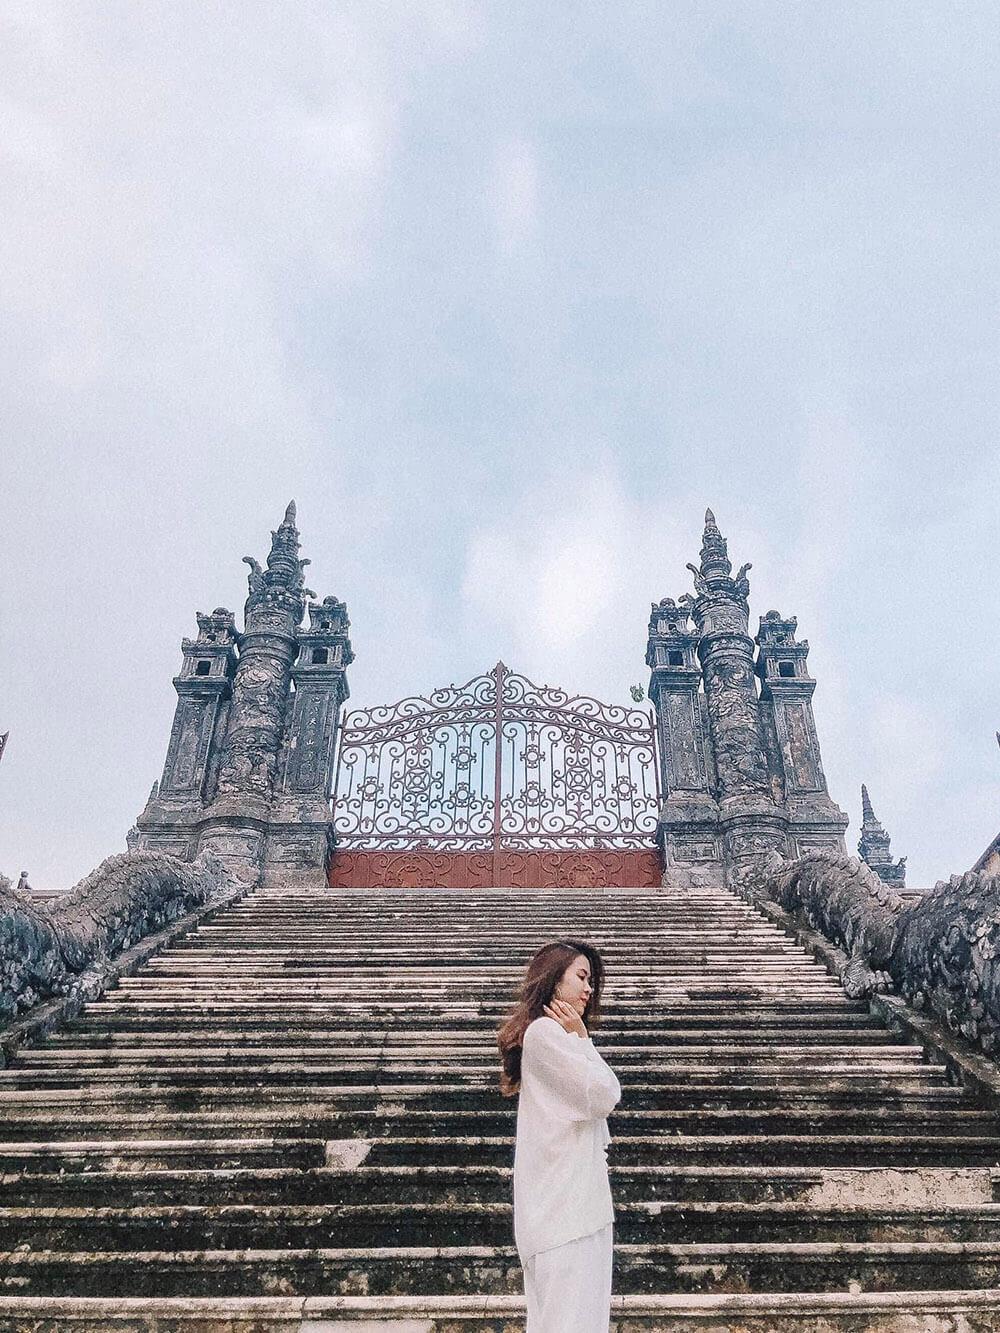 Lang Khai Dinh Review Hue Da Nang Hoi An Ninh Binh 7n7d Chi Voi 8 Trieu Tin Duoc Khong